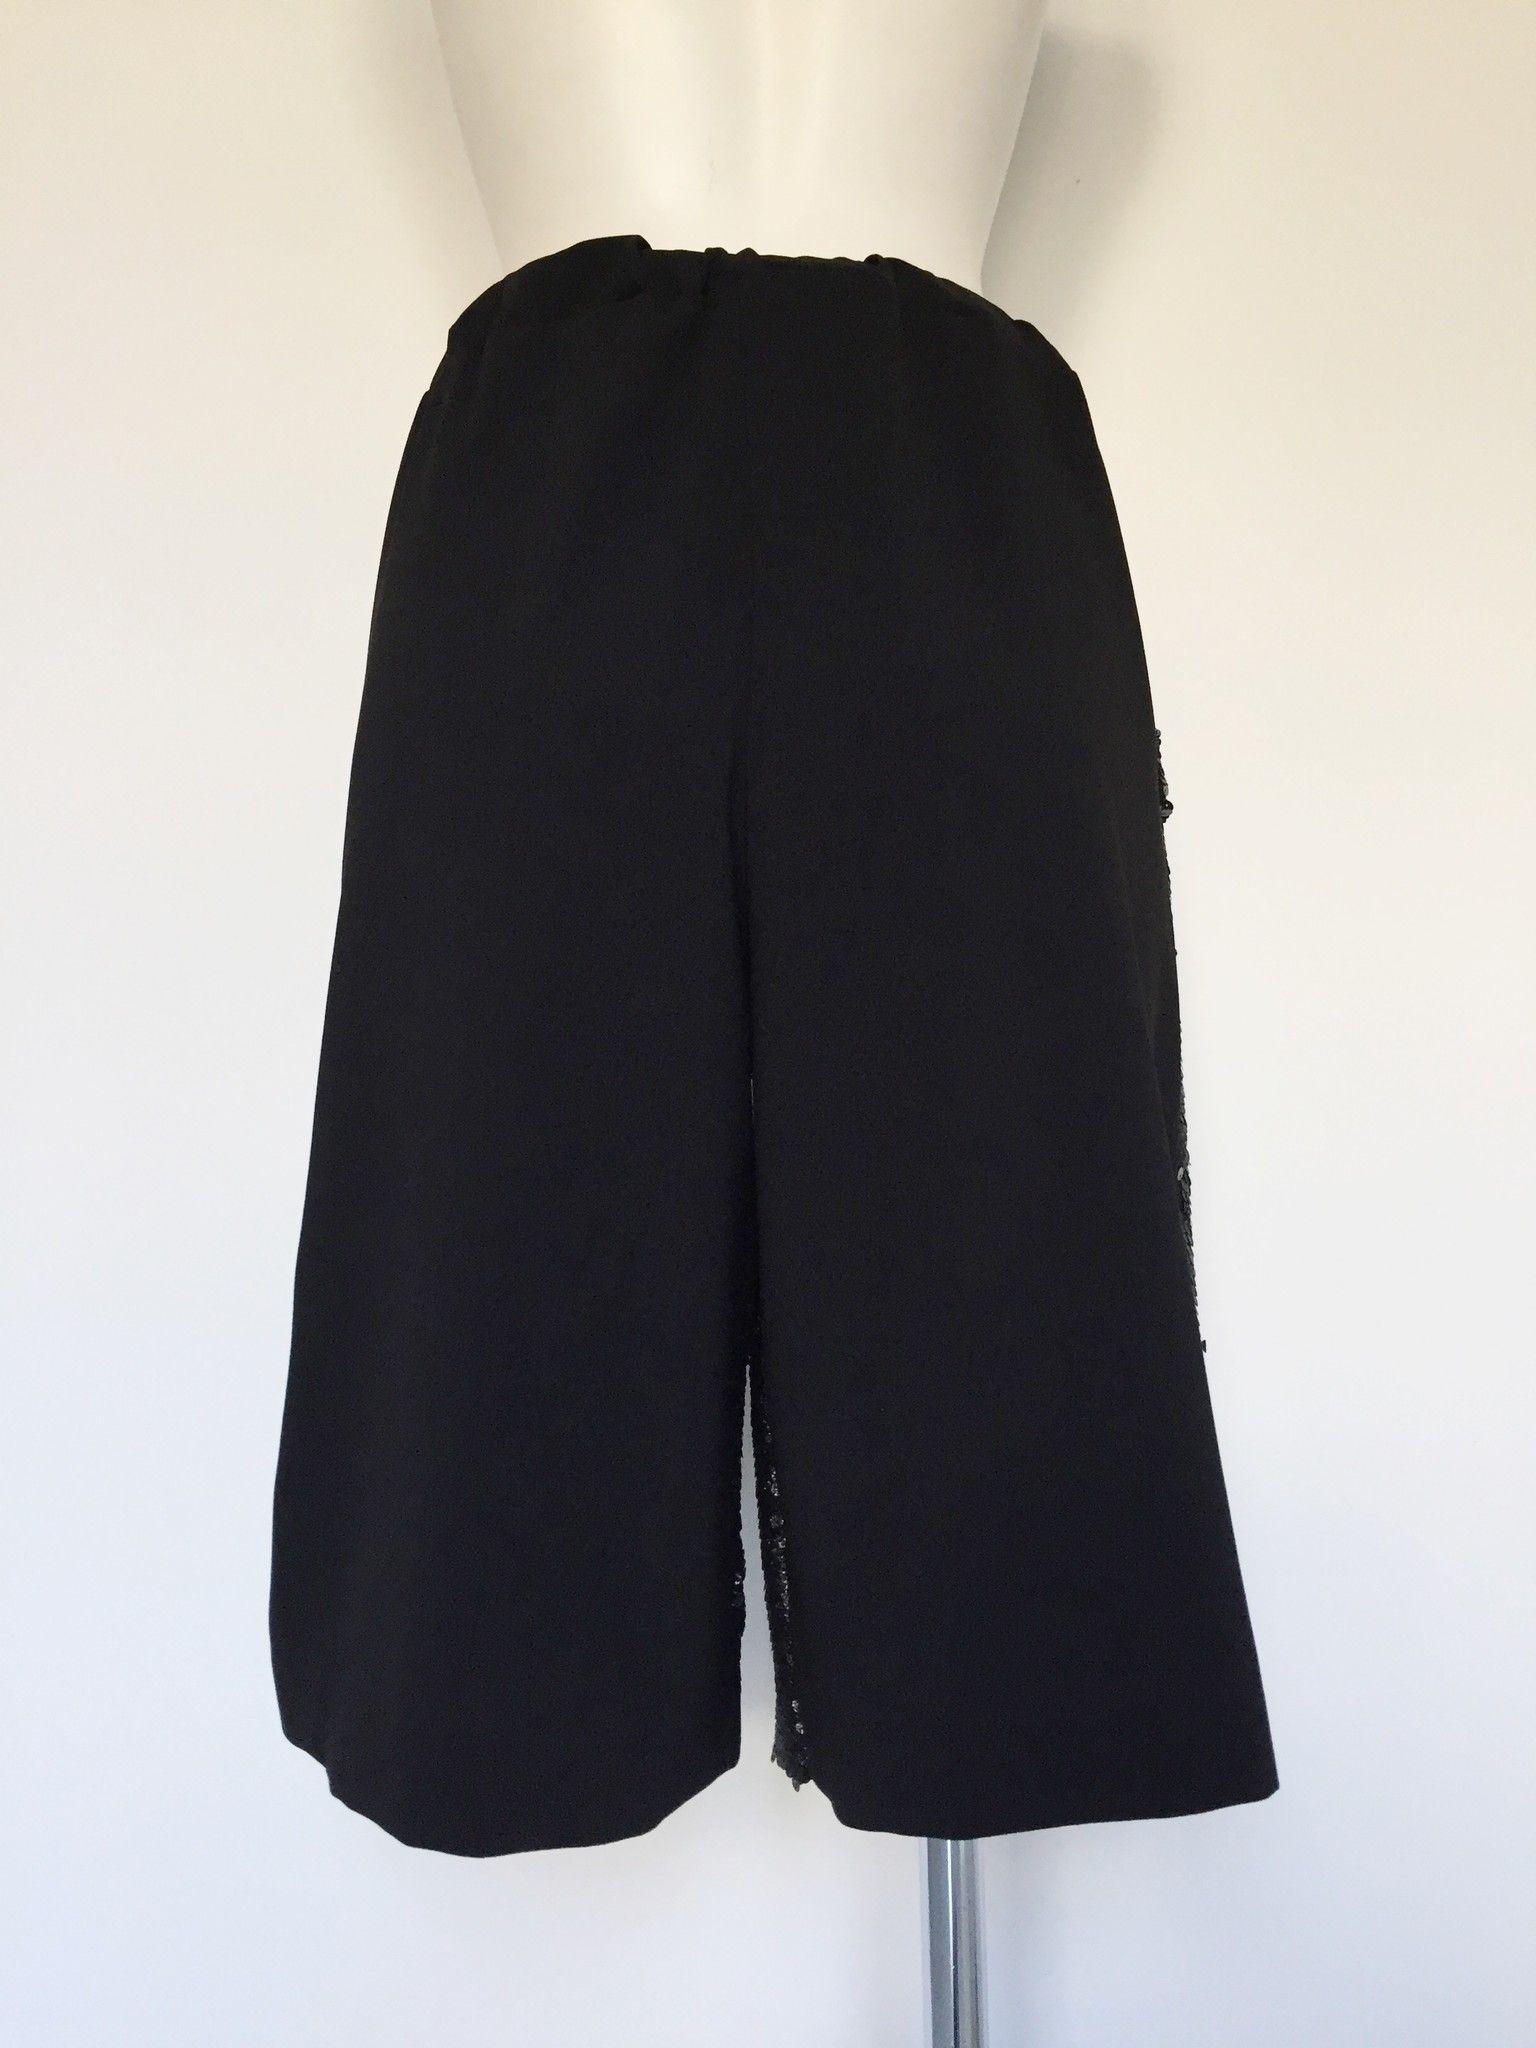 Gonna Pantalone LadyBug con Paillettes sul Davanti Cod.TQ0940